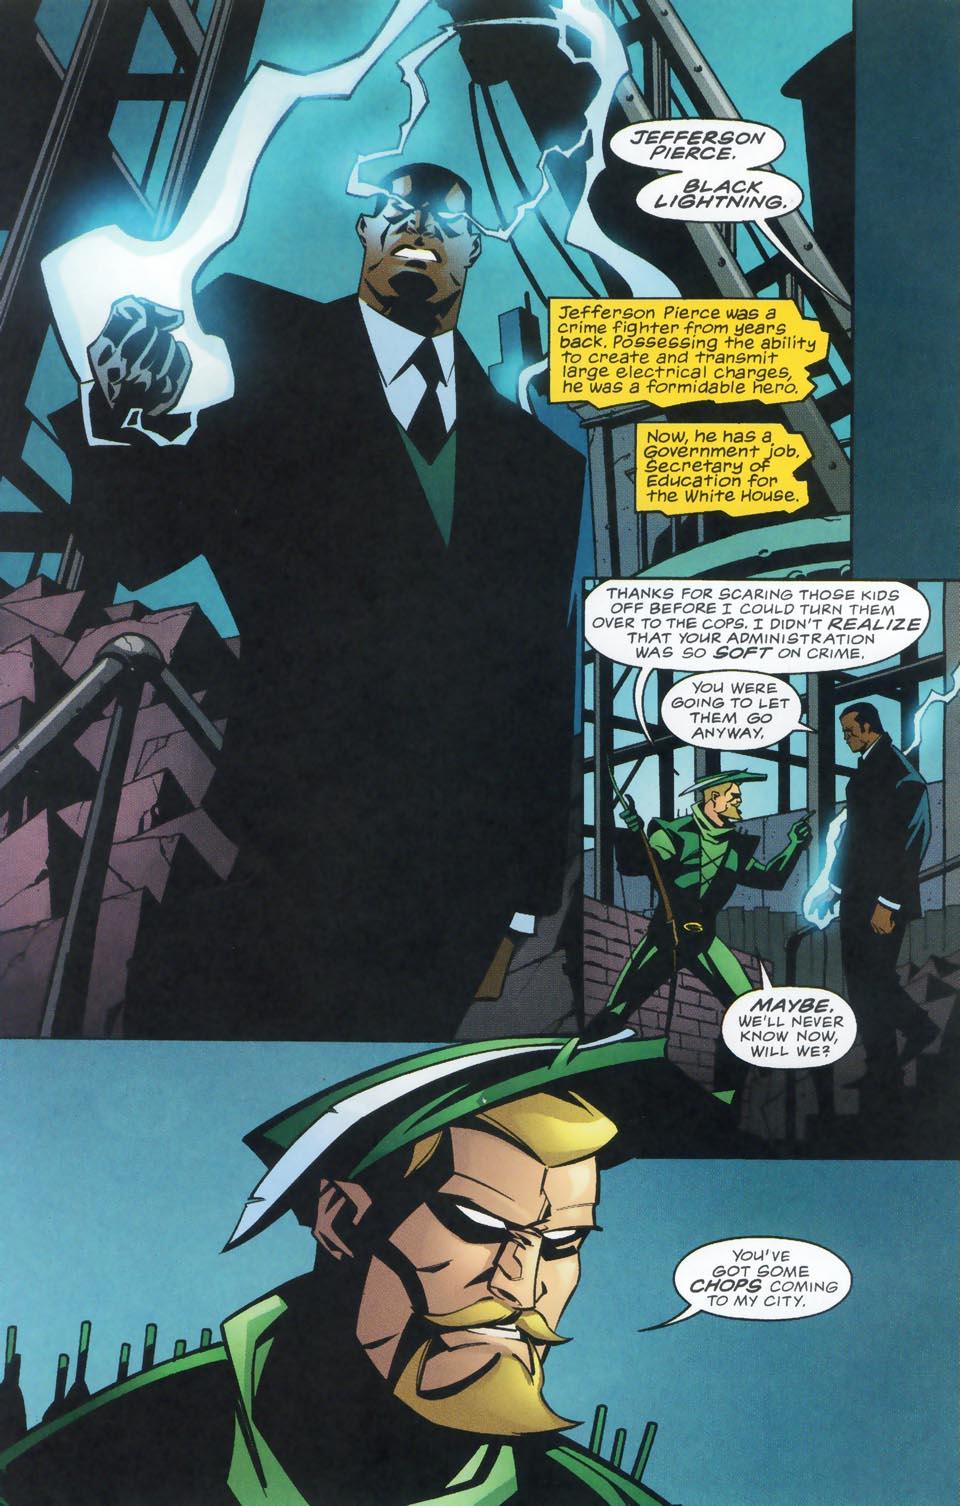 Green_Arrow_v2_26_009 Black Lightning.jpg